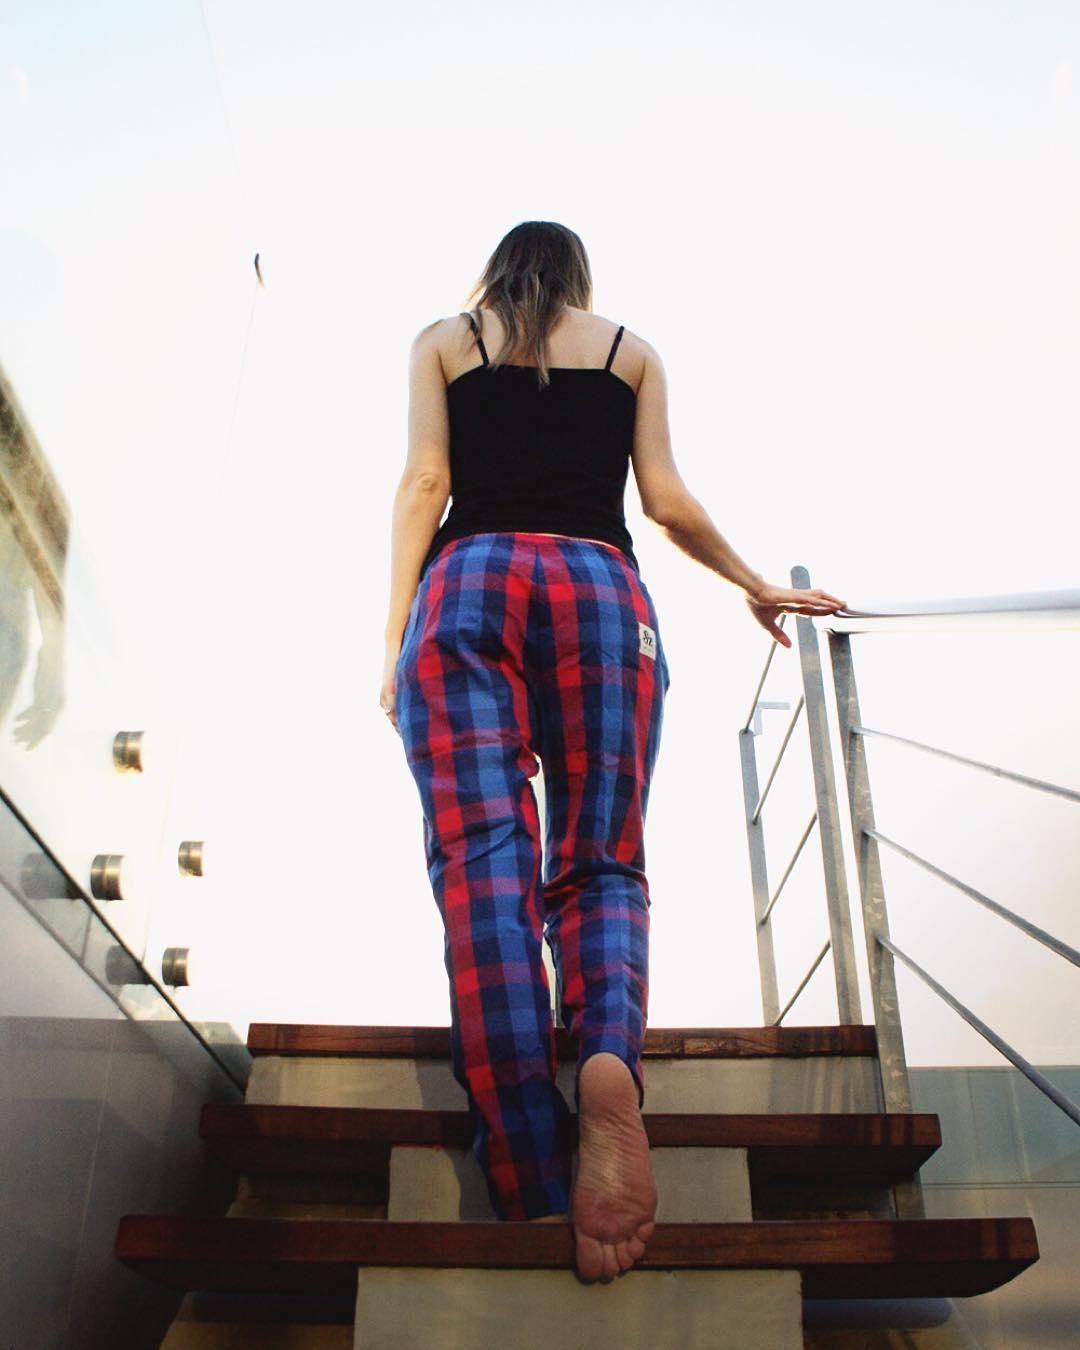 #DomingosConOnda #MitadDeLaSemana modelo #Jordi #Mujer